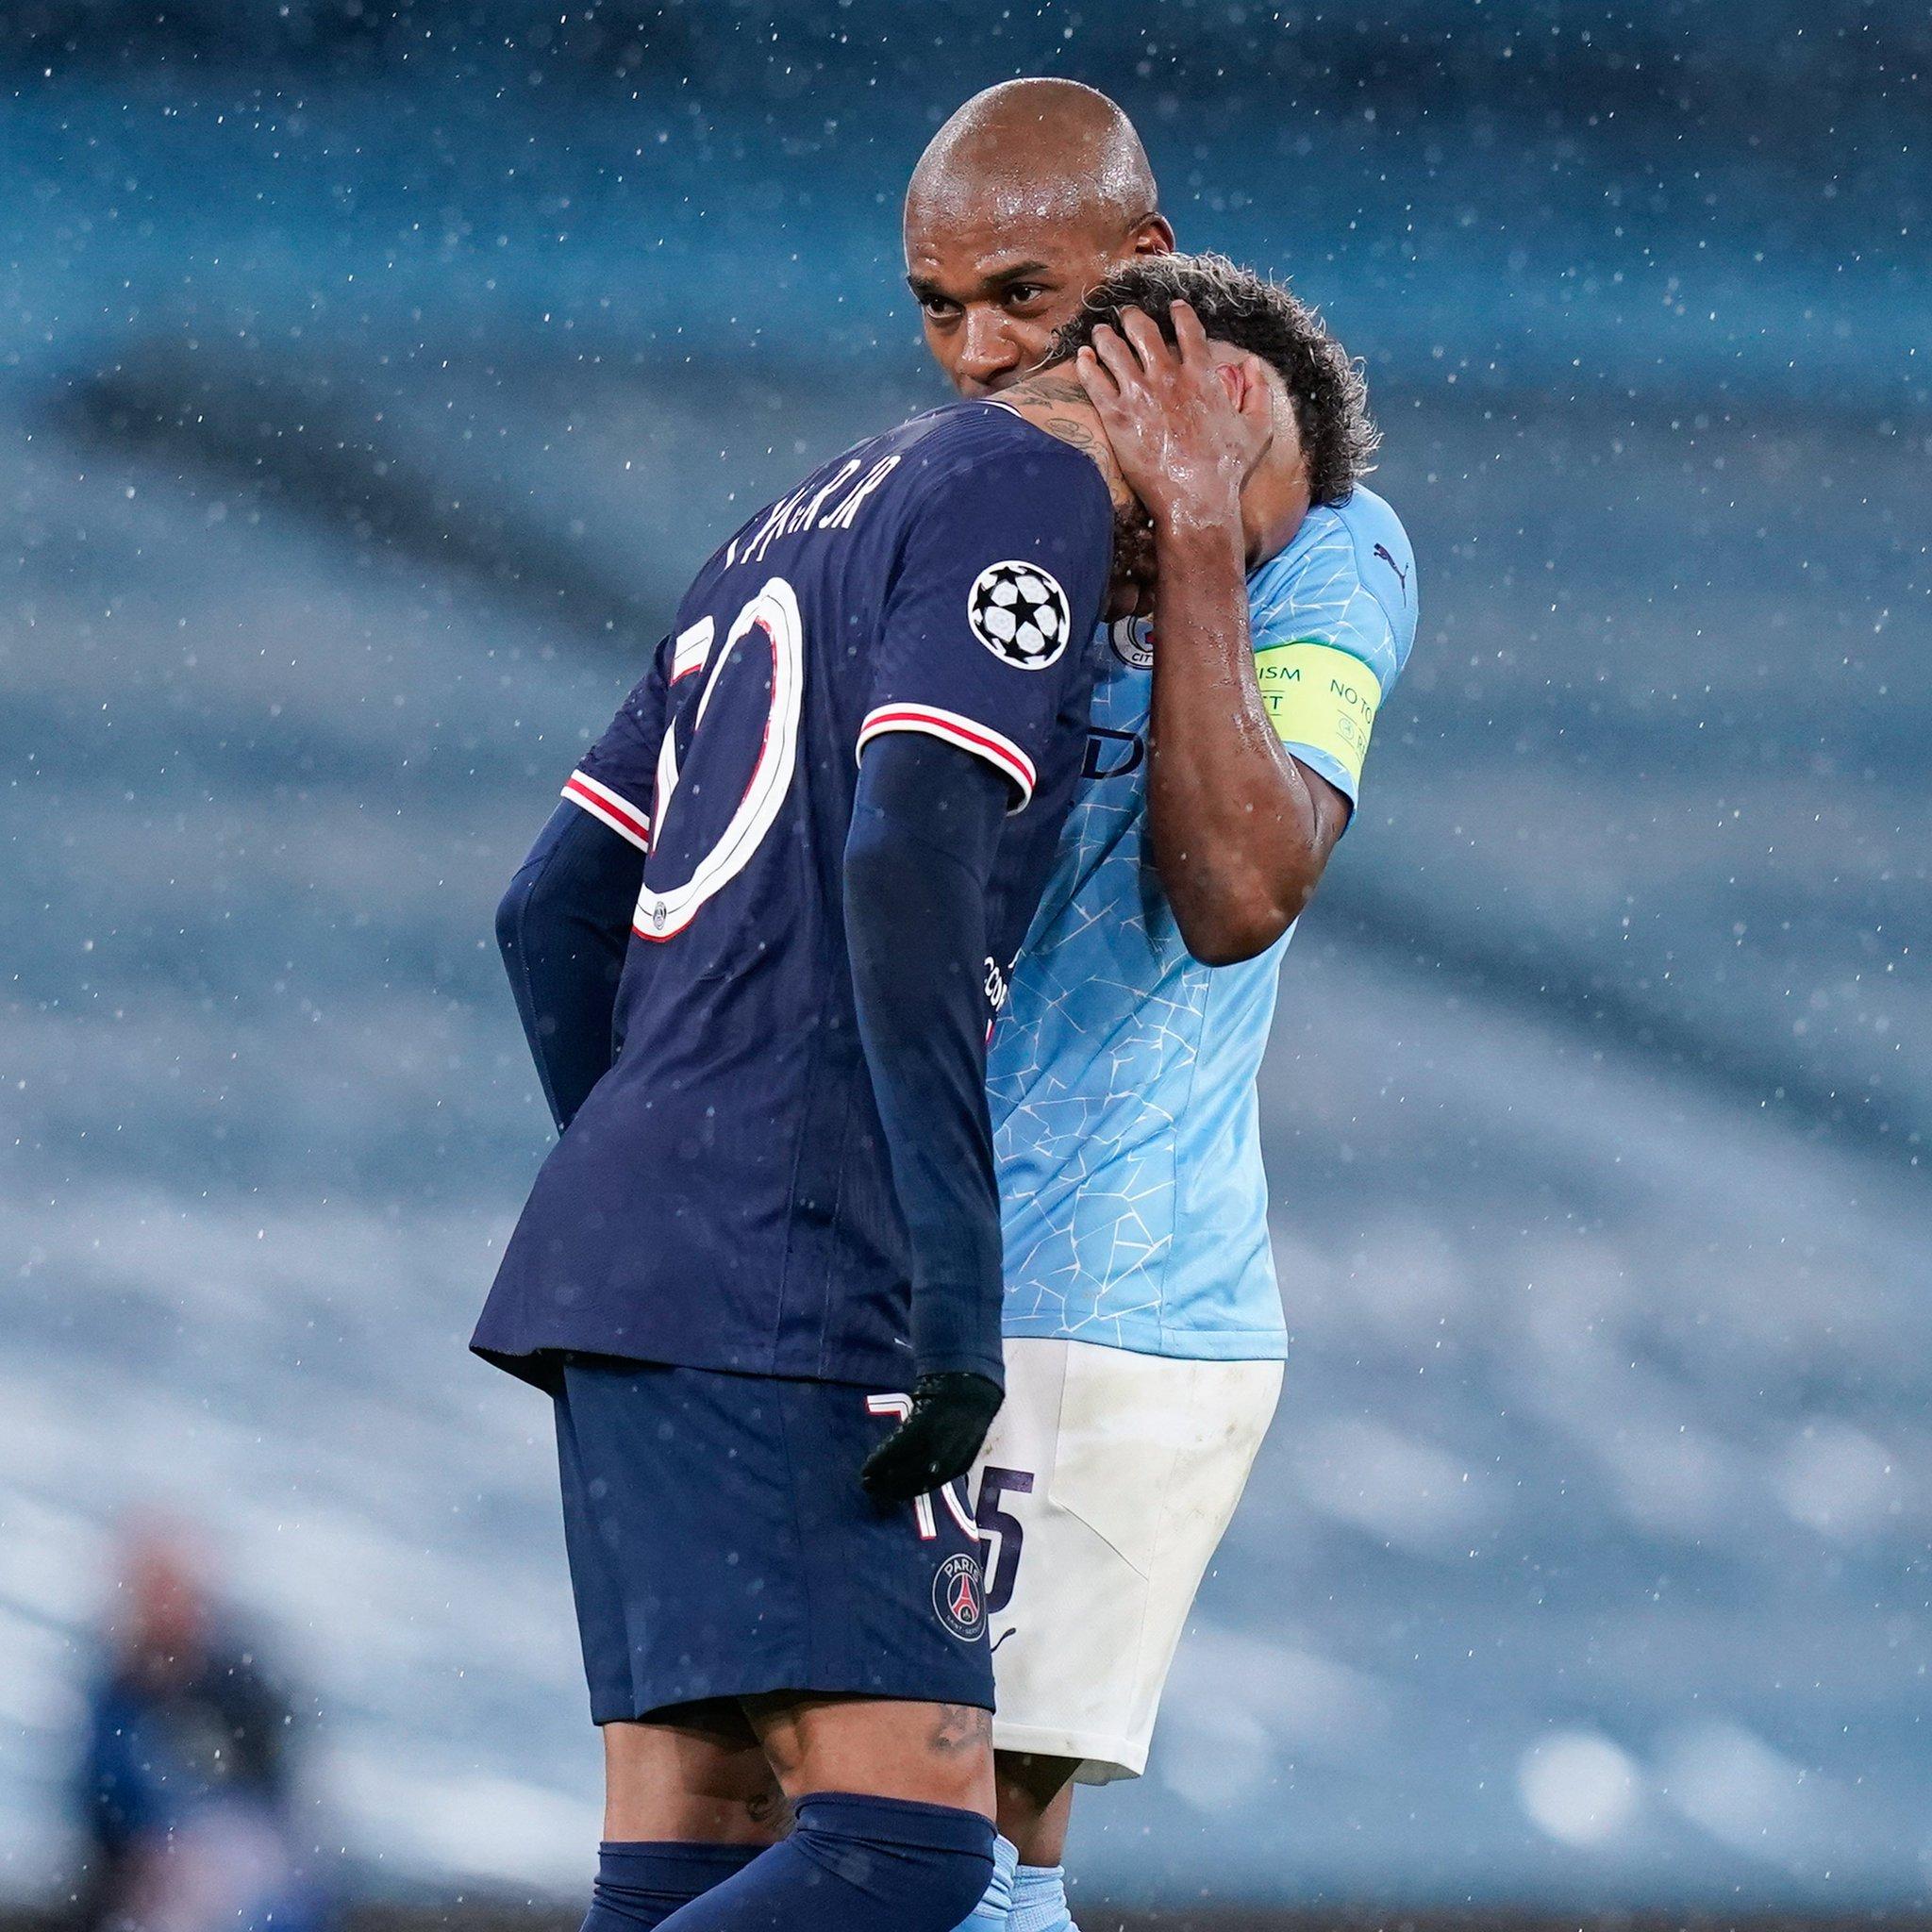 一图流:内马尔赛后泣不成声,国家队友费鸟送上拥抱并安慰